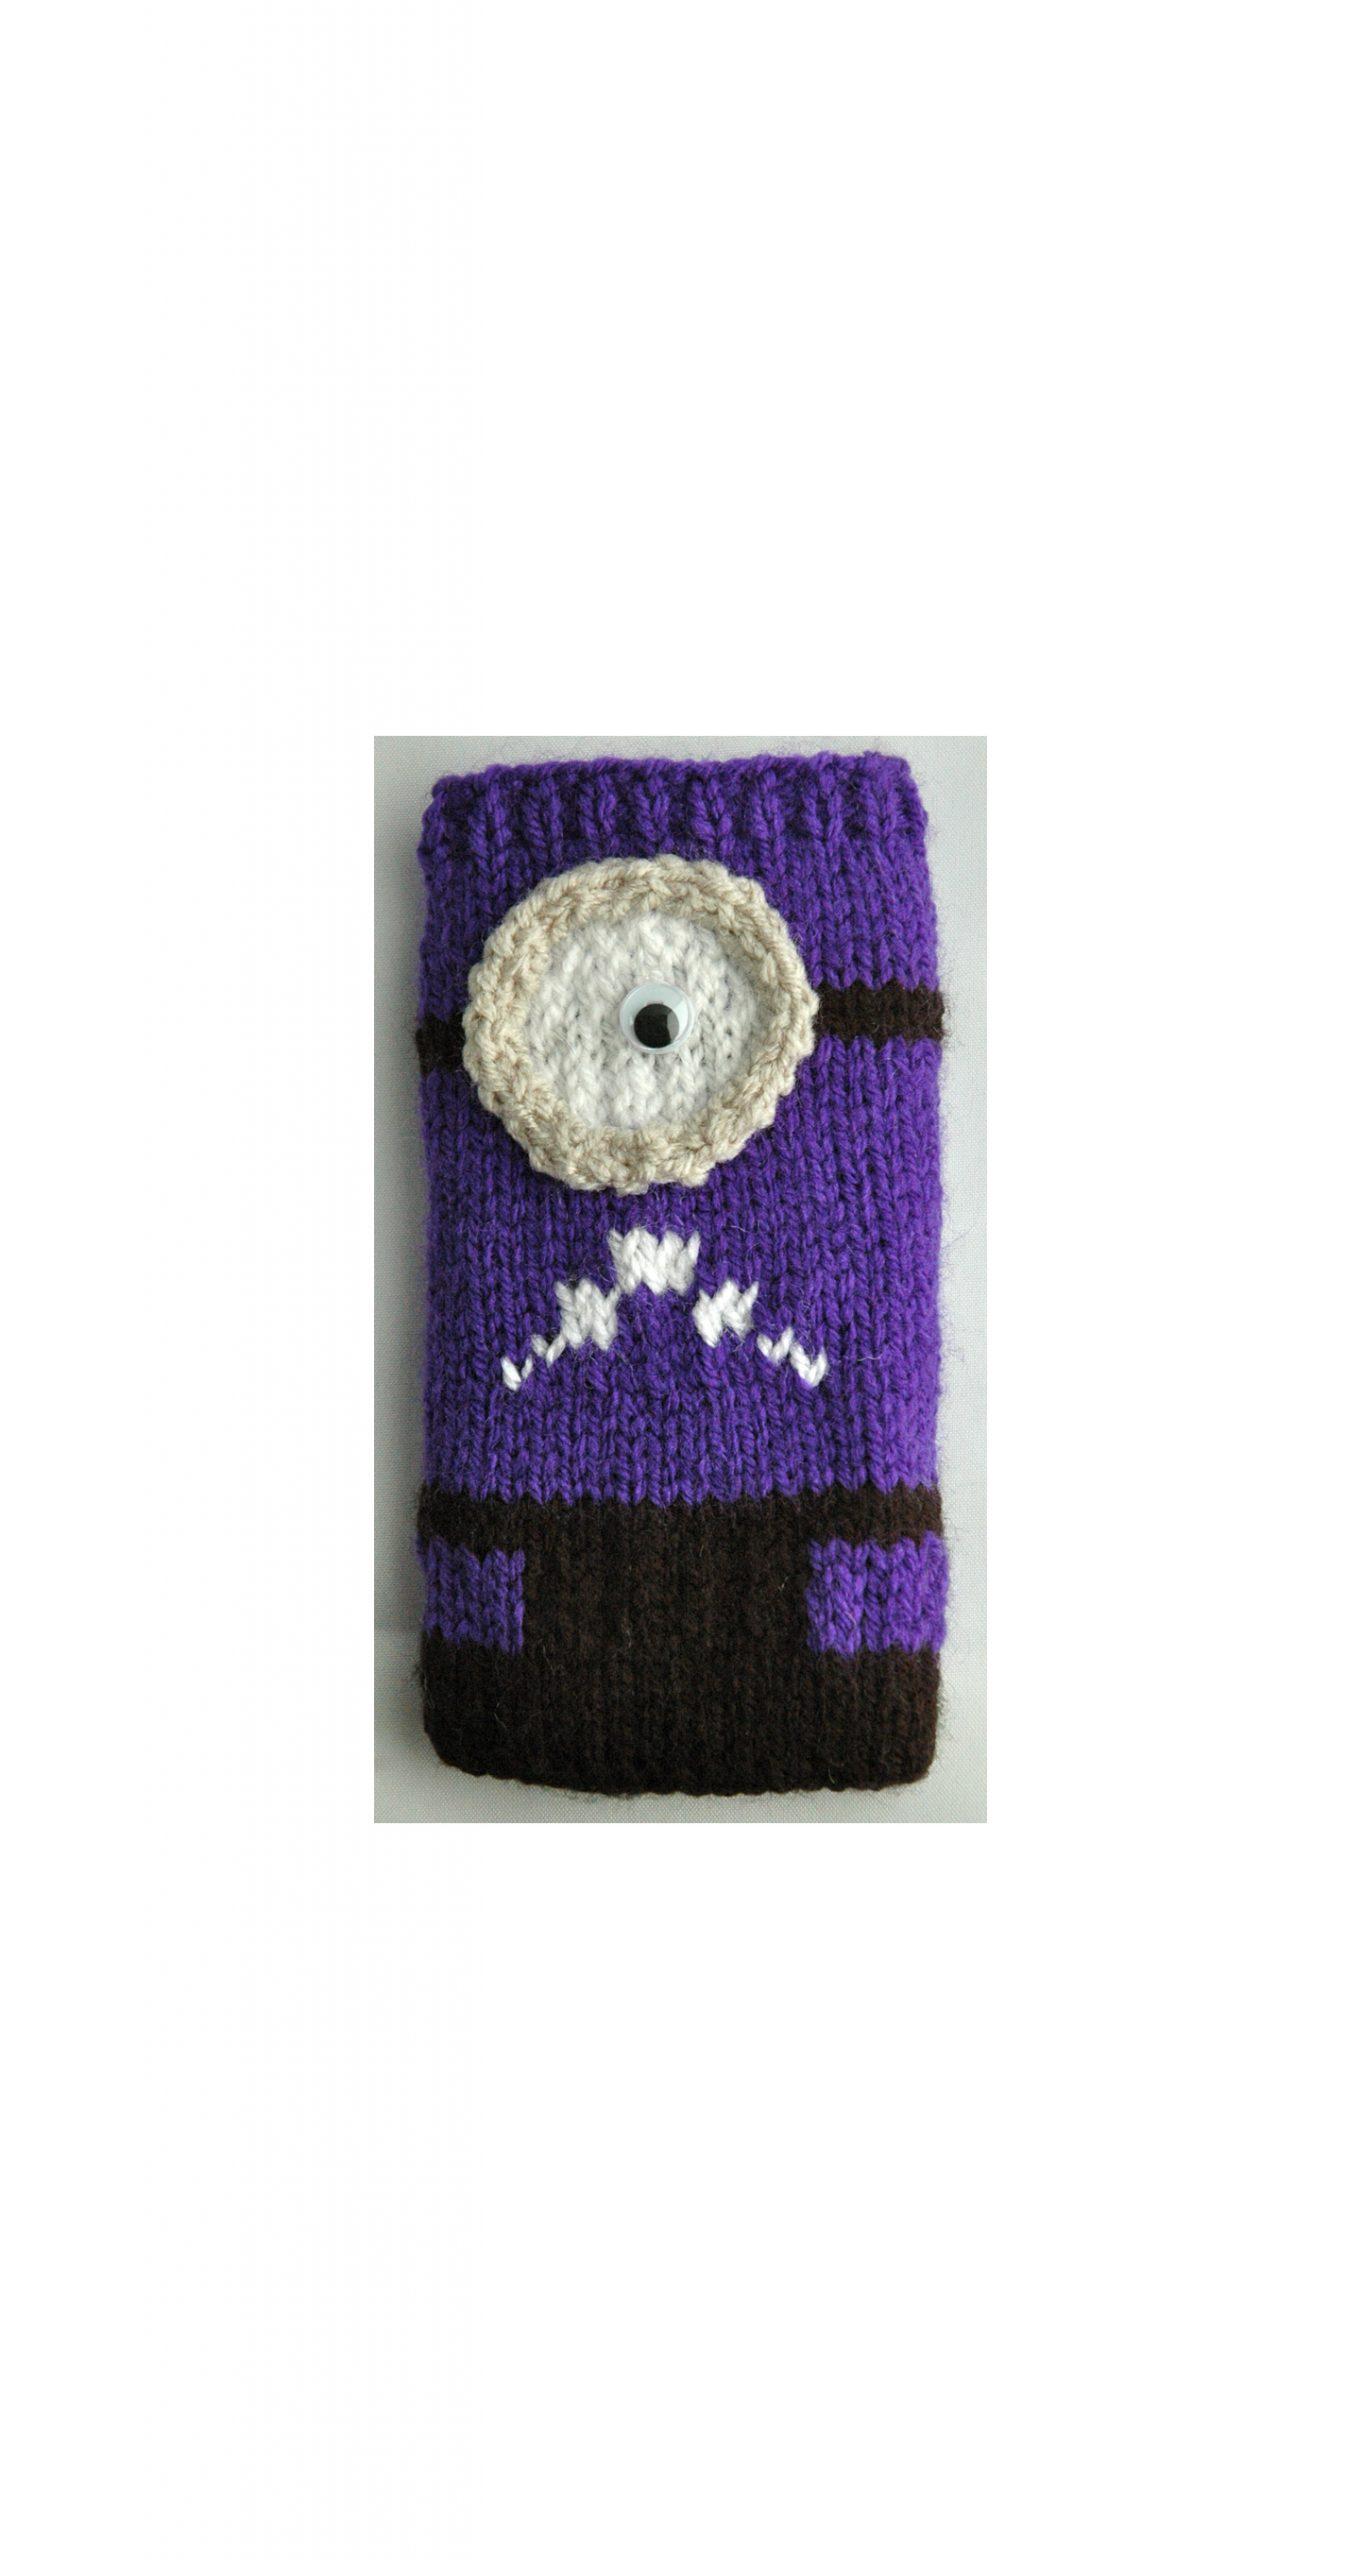 evil purple minion cover